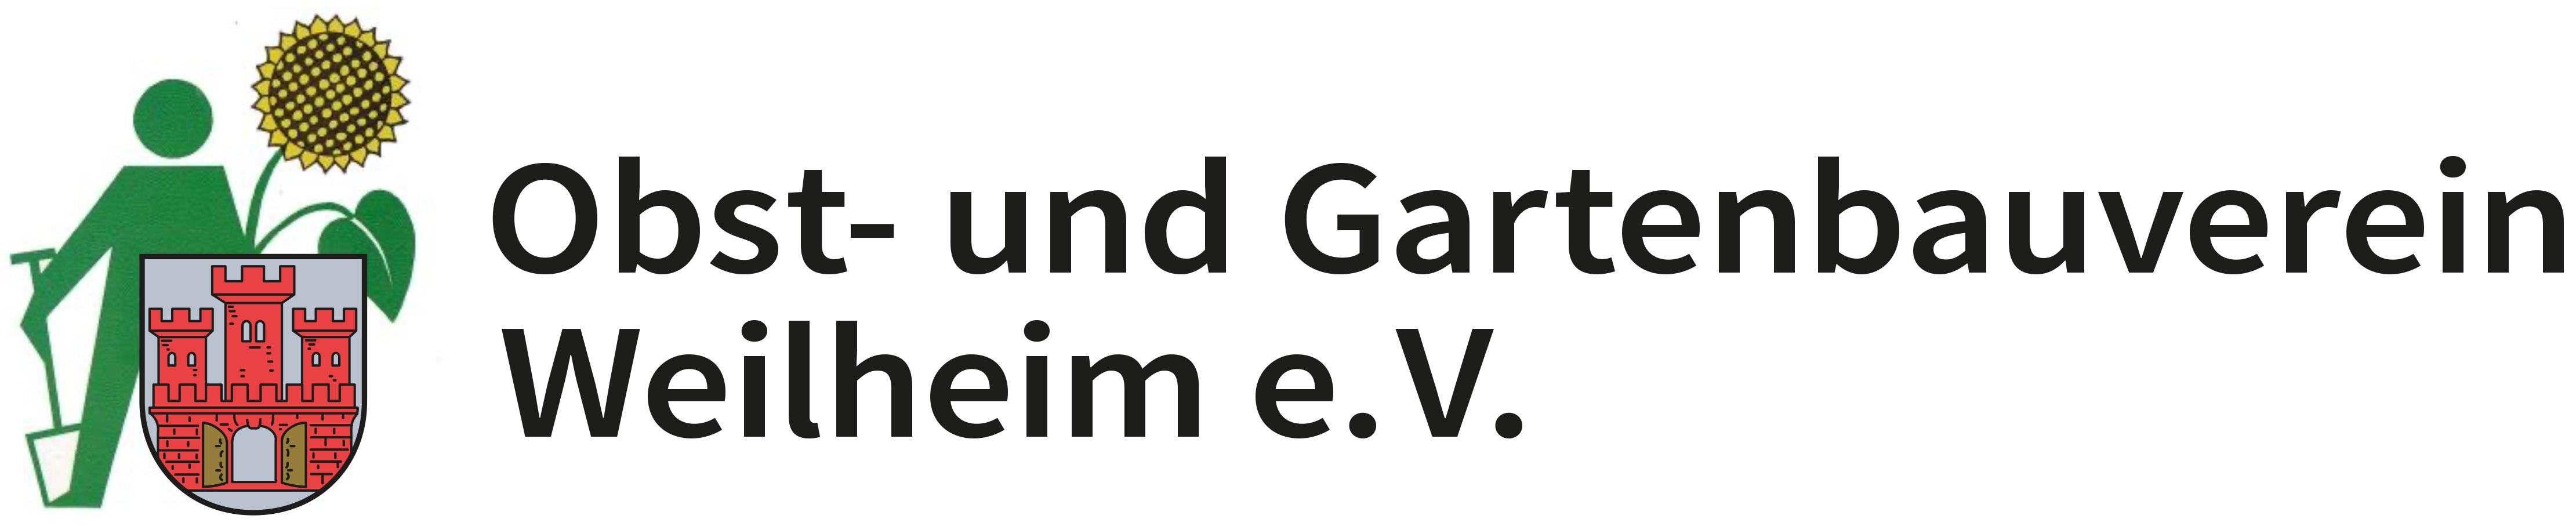 Obst- und Gartenbauverein Weilheim e. V.